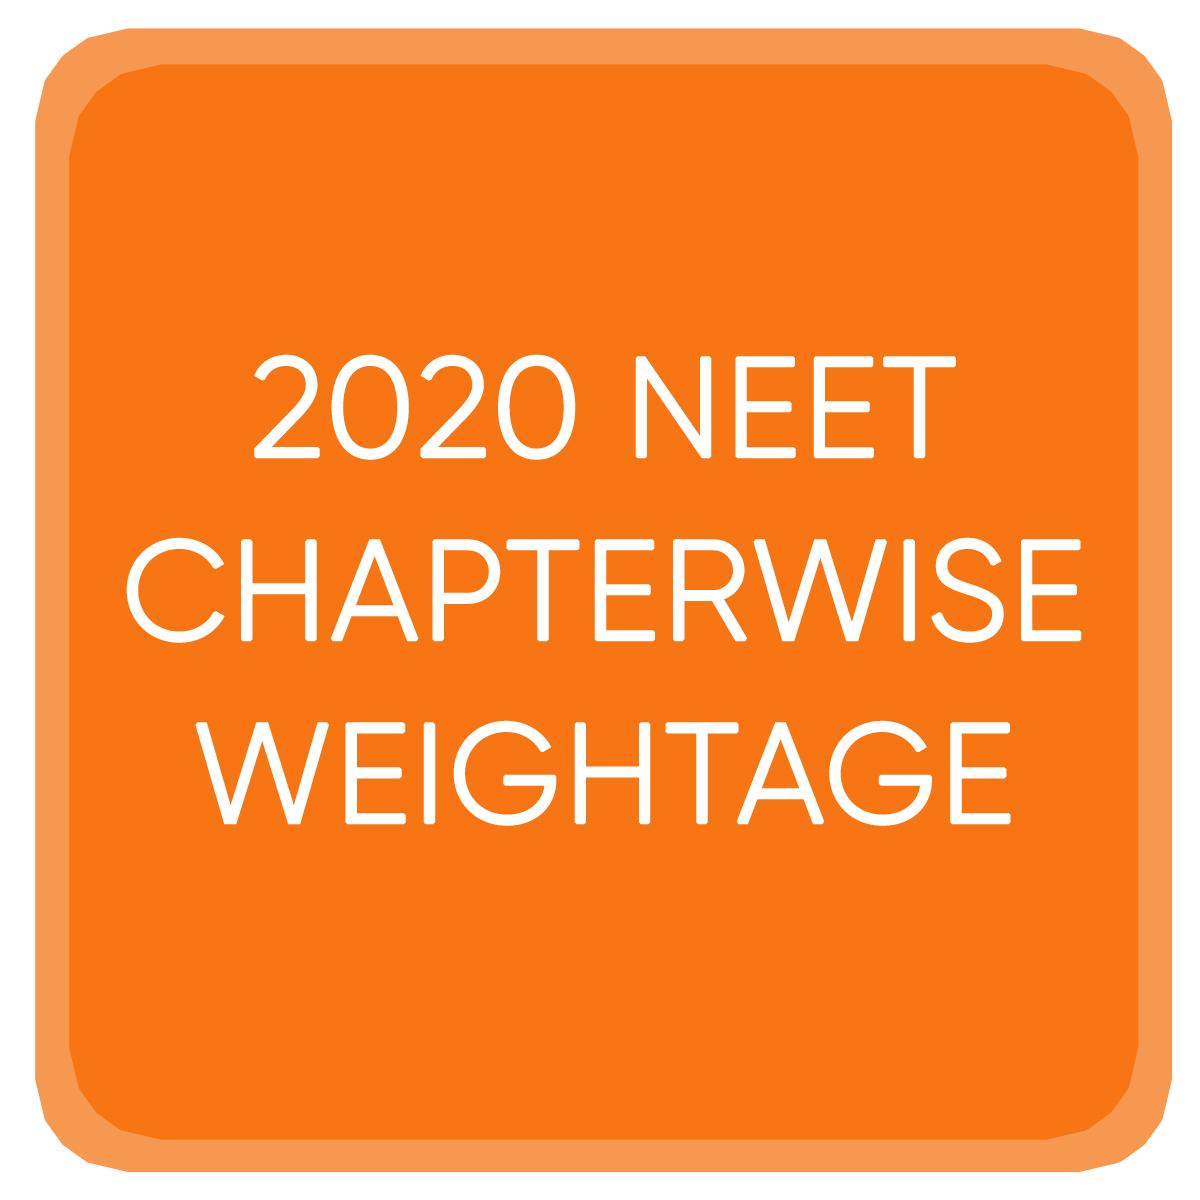 2020 NEET